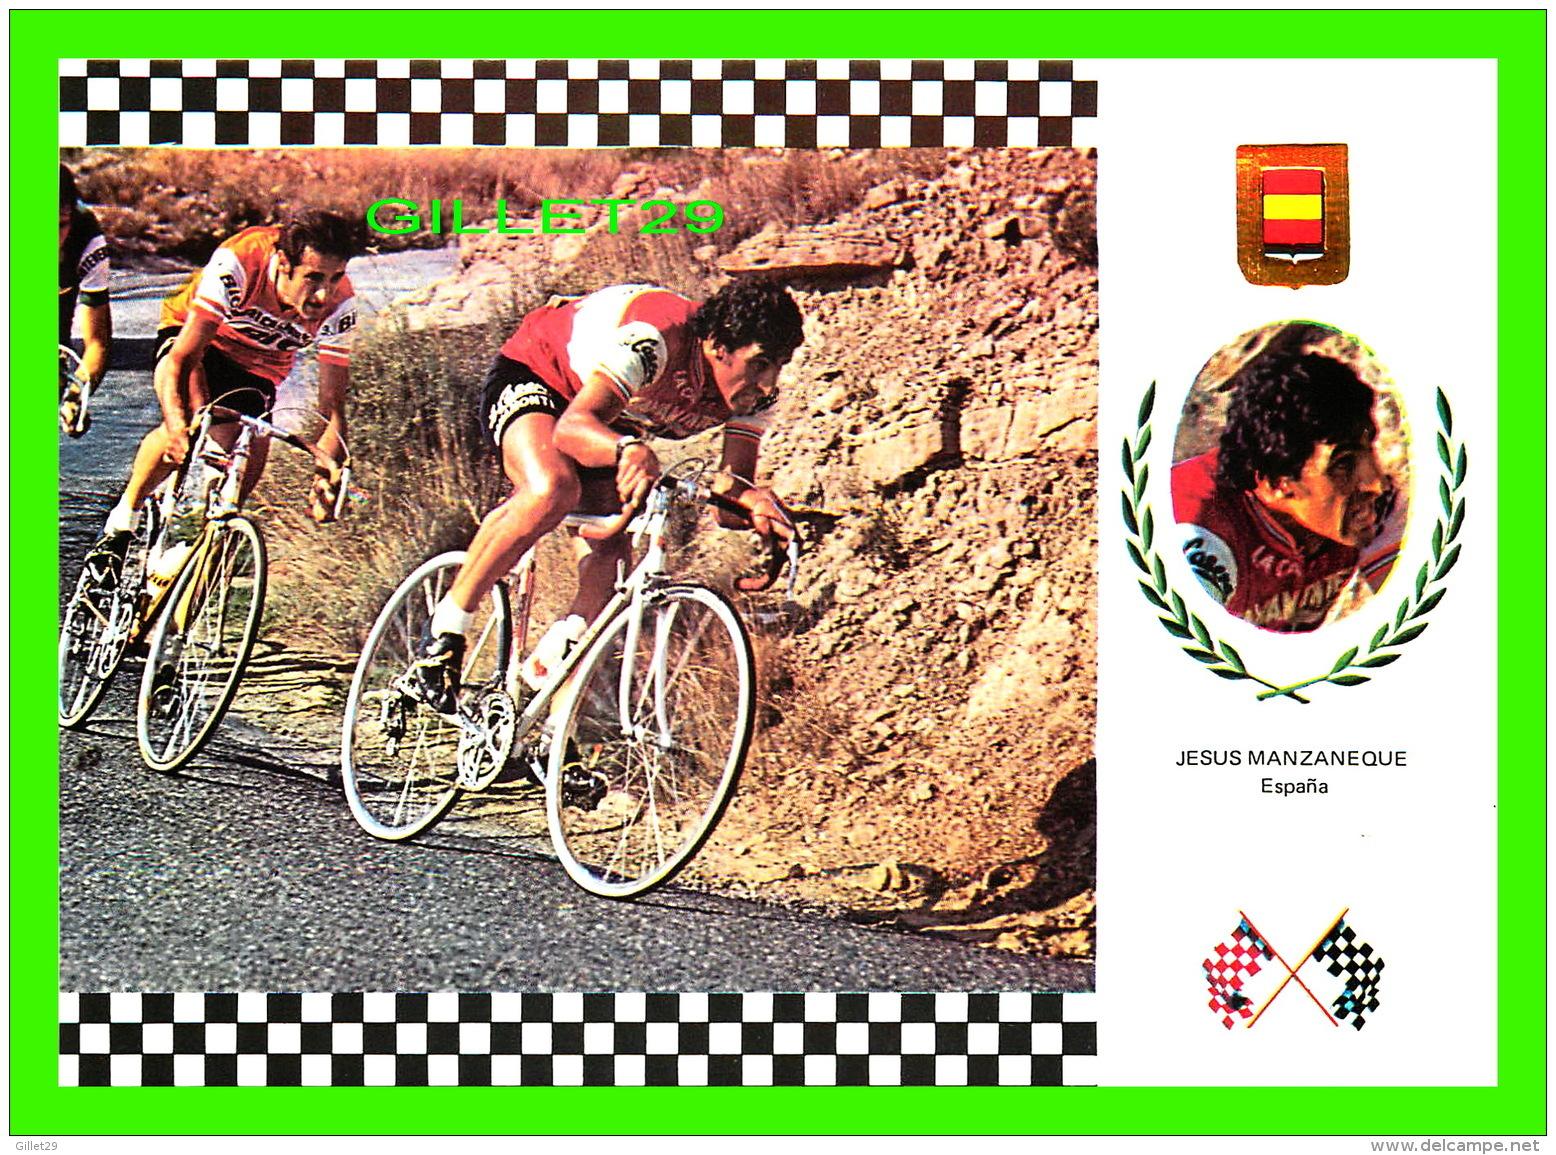 SPORTS CYCLISME - JESUS MANZANEQUE, ESPANA -  SERIE CICLISMO No 13 - - Cyclisme